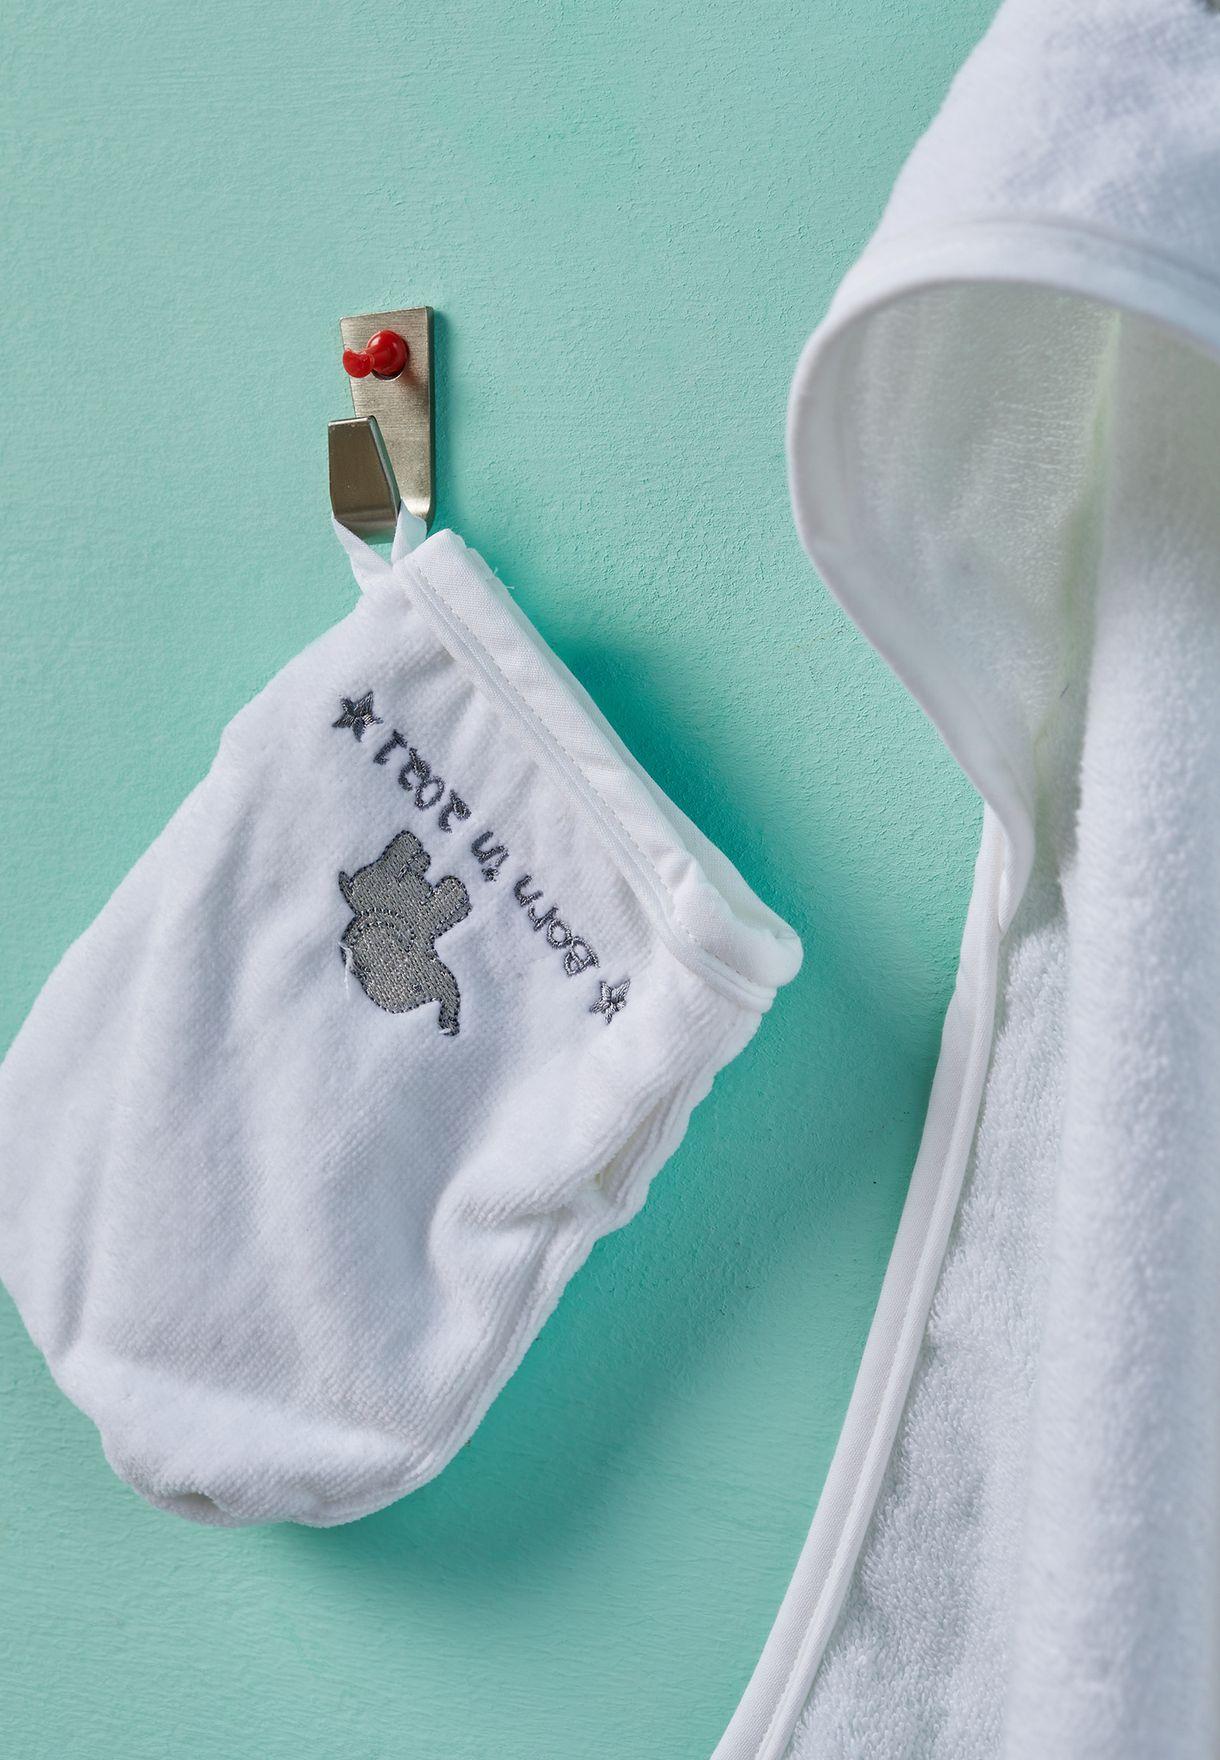 منشفة وقفاز بطبعة كتابة